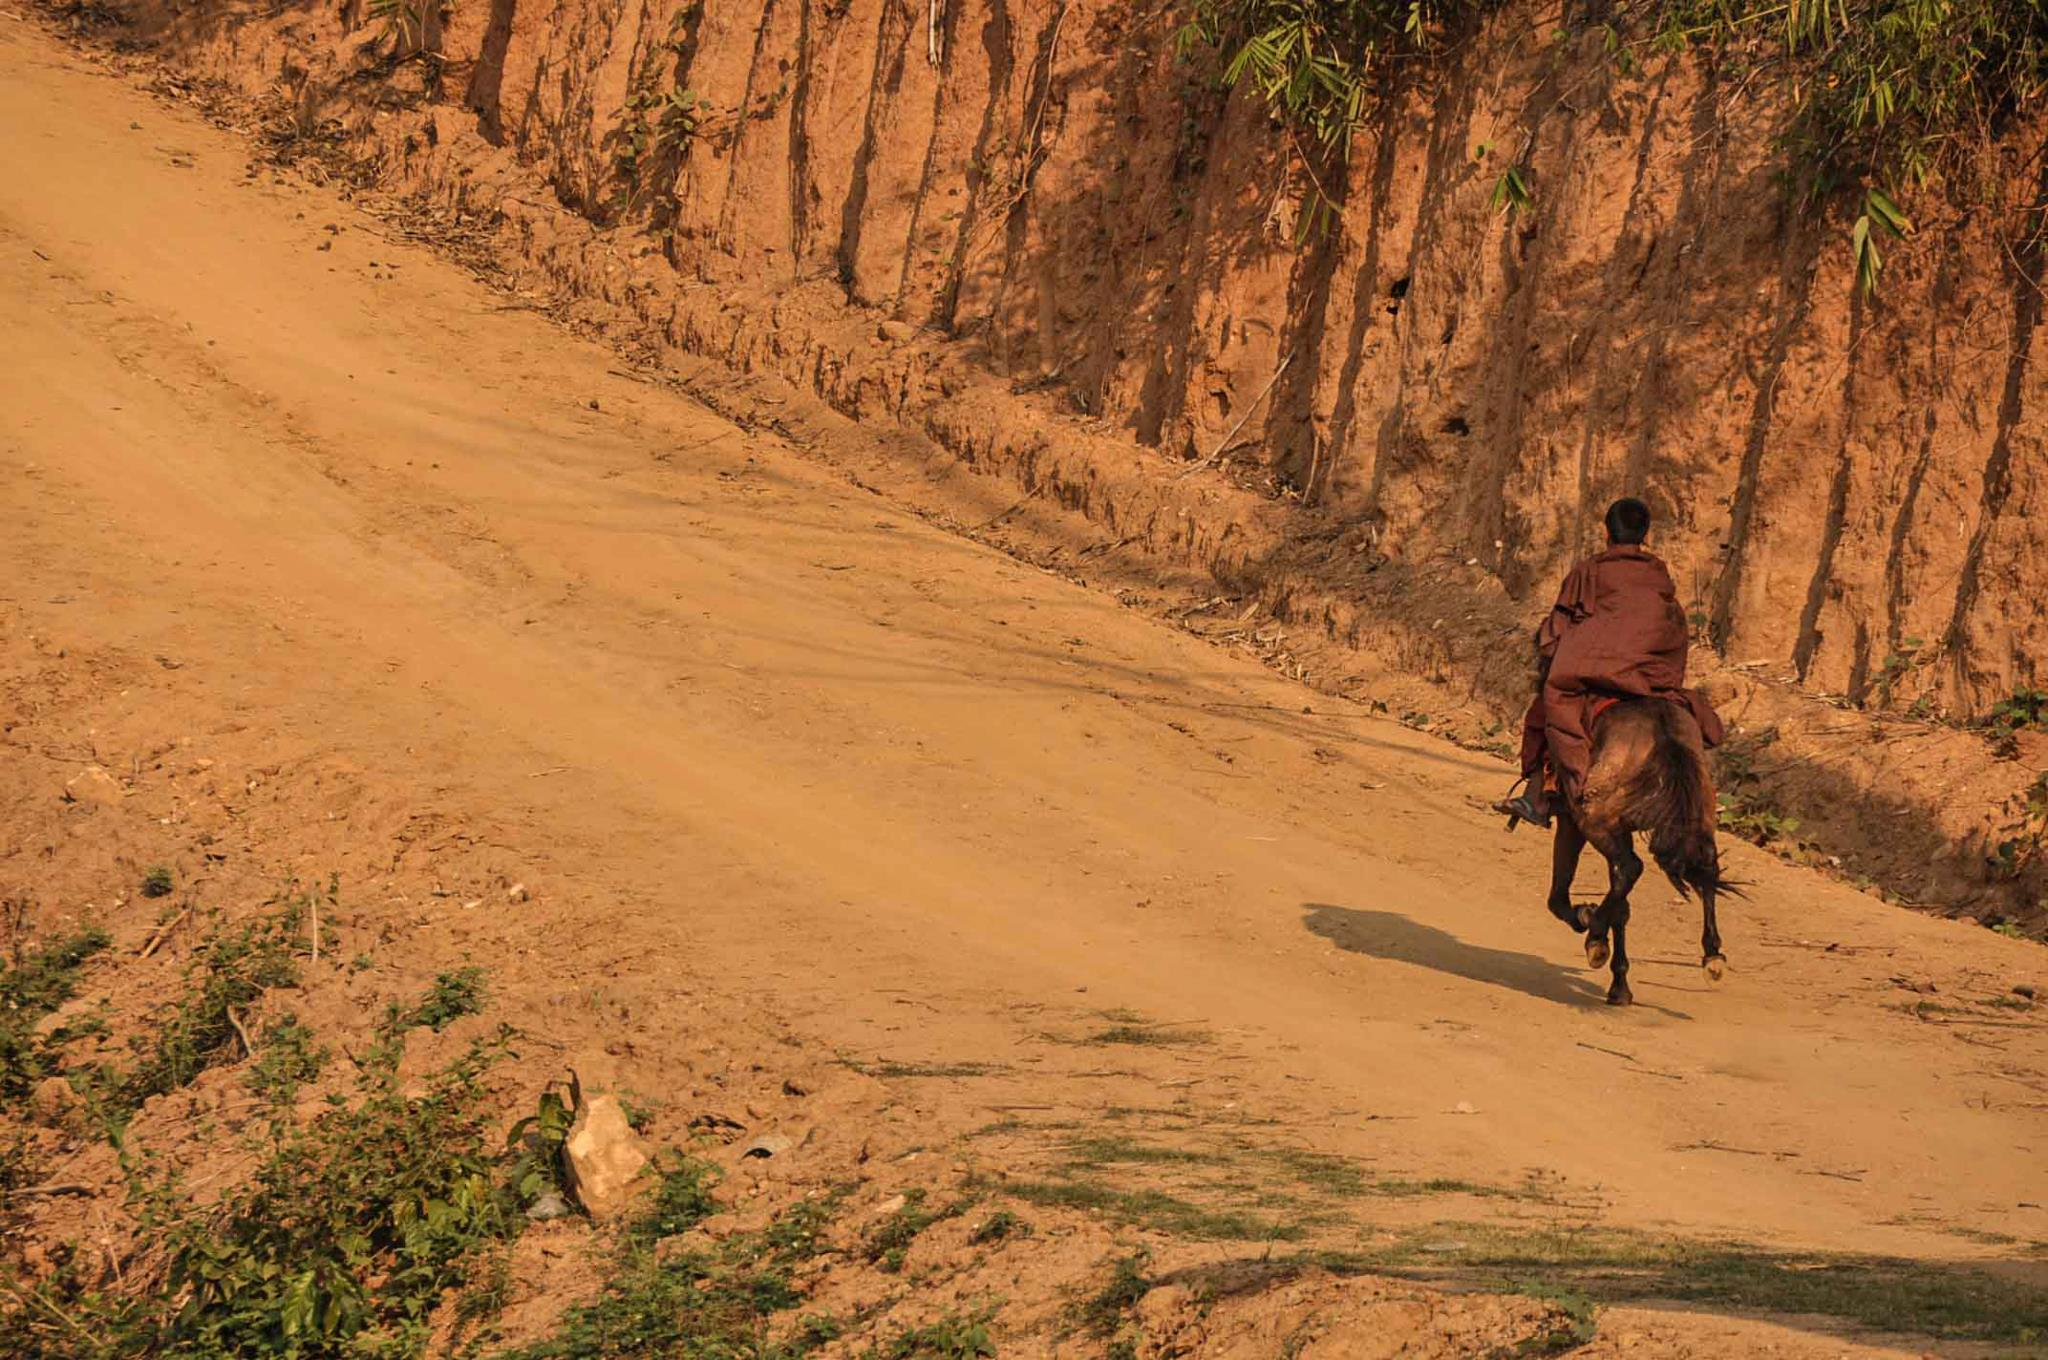 สัมผัสวิถีชีวิตพระขี่ม้า ณ สำนักปฏิบัติธรรมถ้ำป่าอาชาทอง จังหวัดเชียงราย